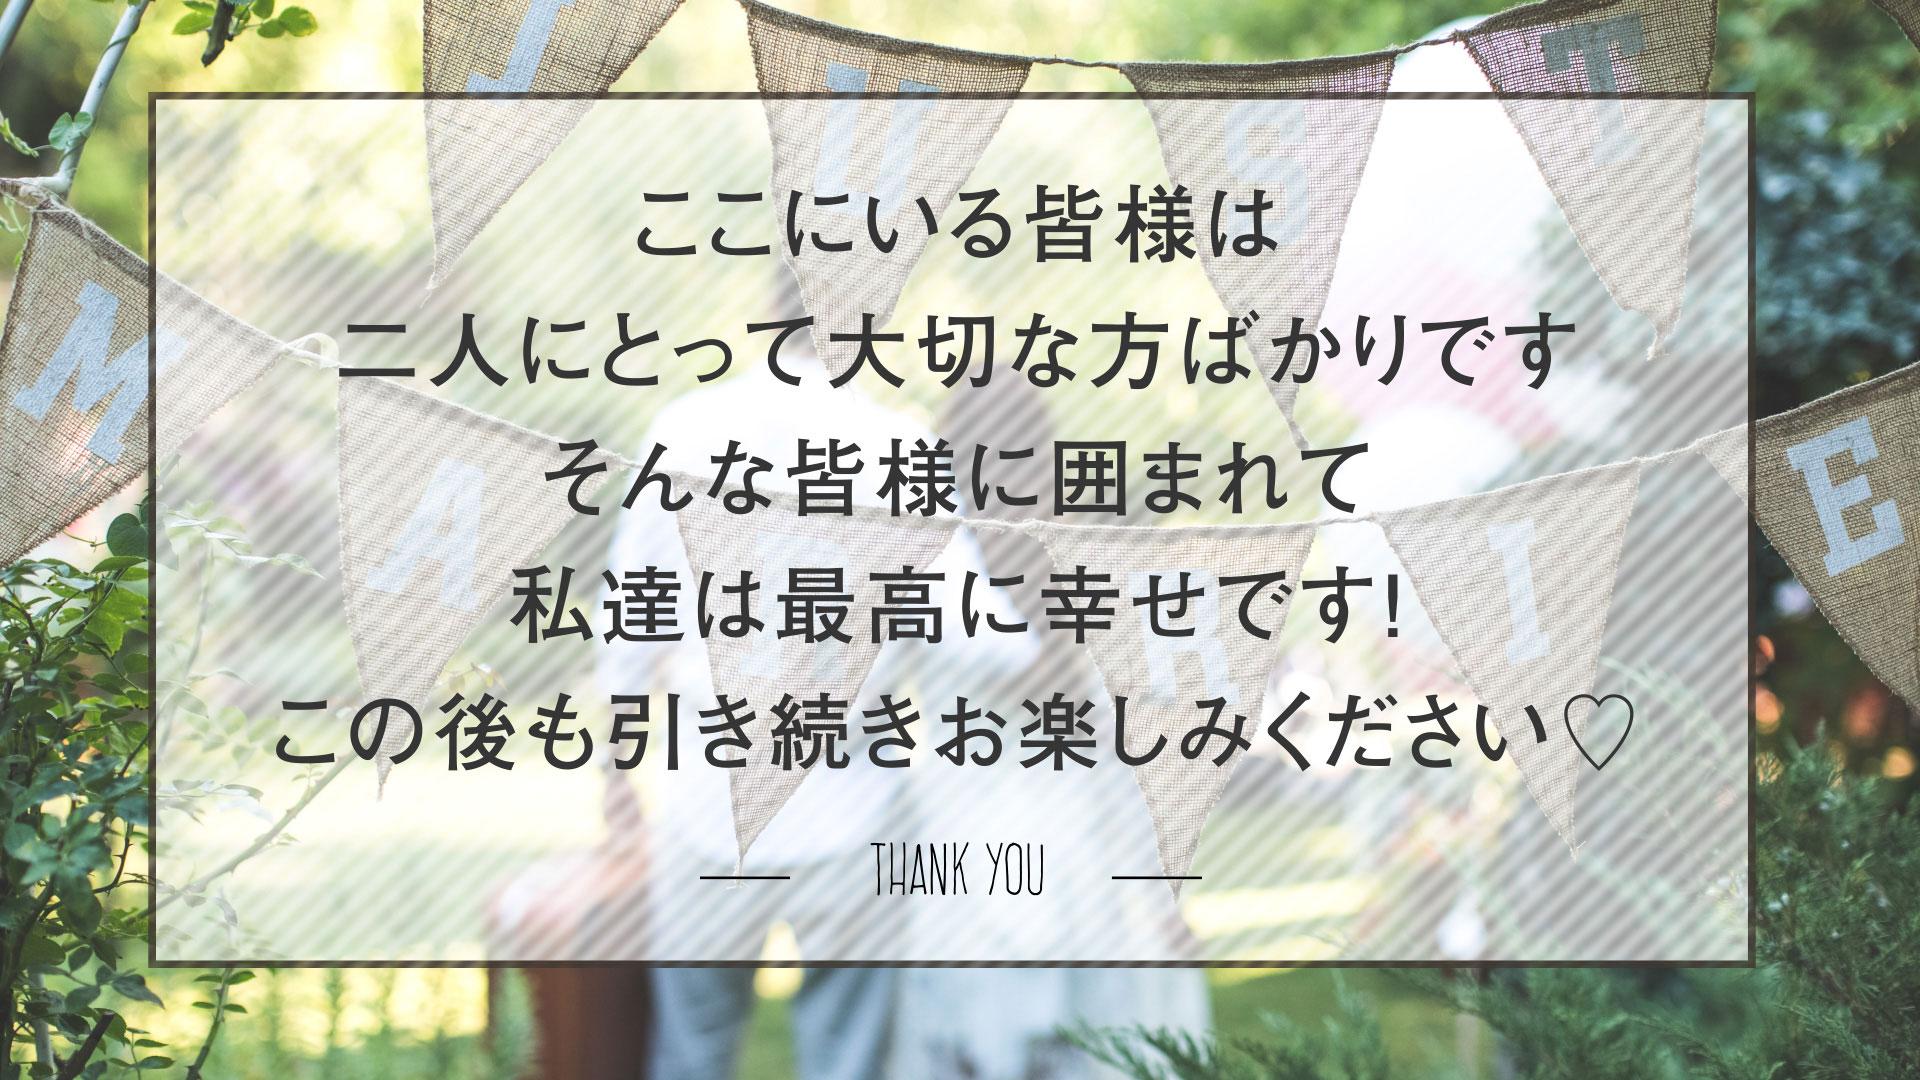 二人馴れ初めパート(15シーン)